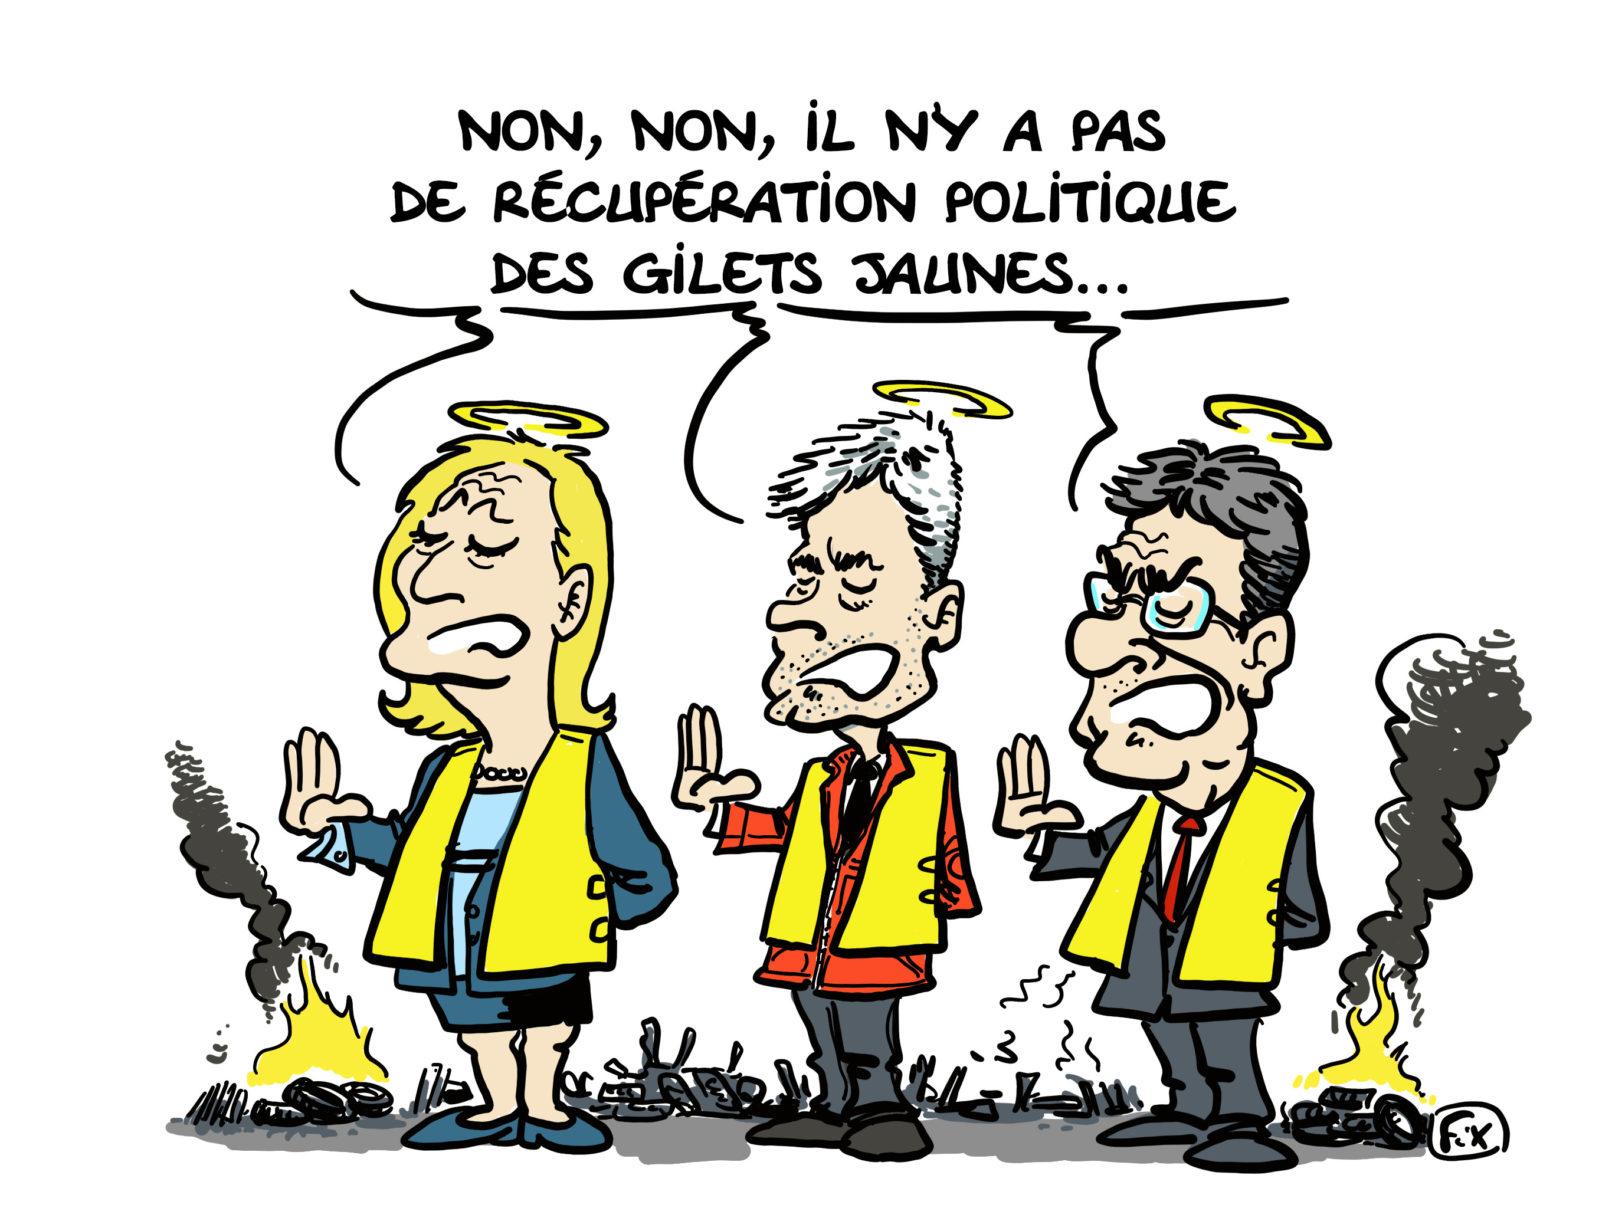 Humour en image - Page 42 20181120_gilets_Jaunes